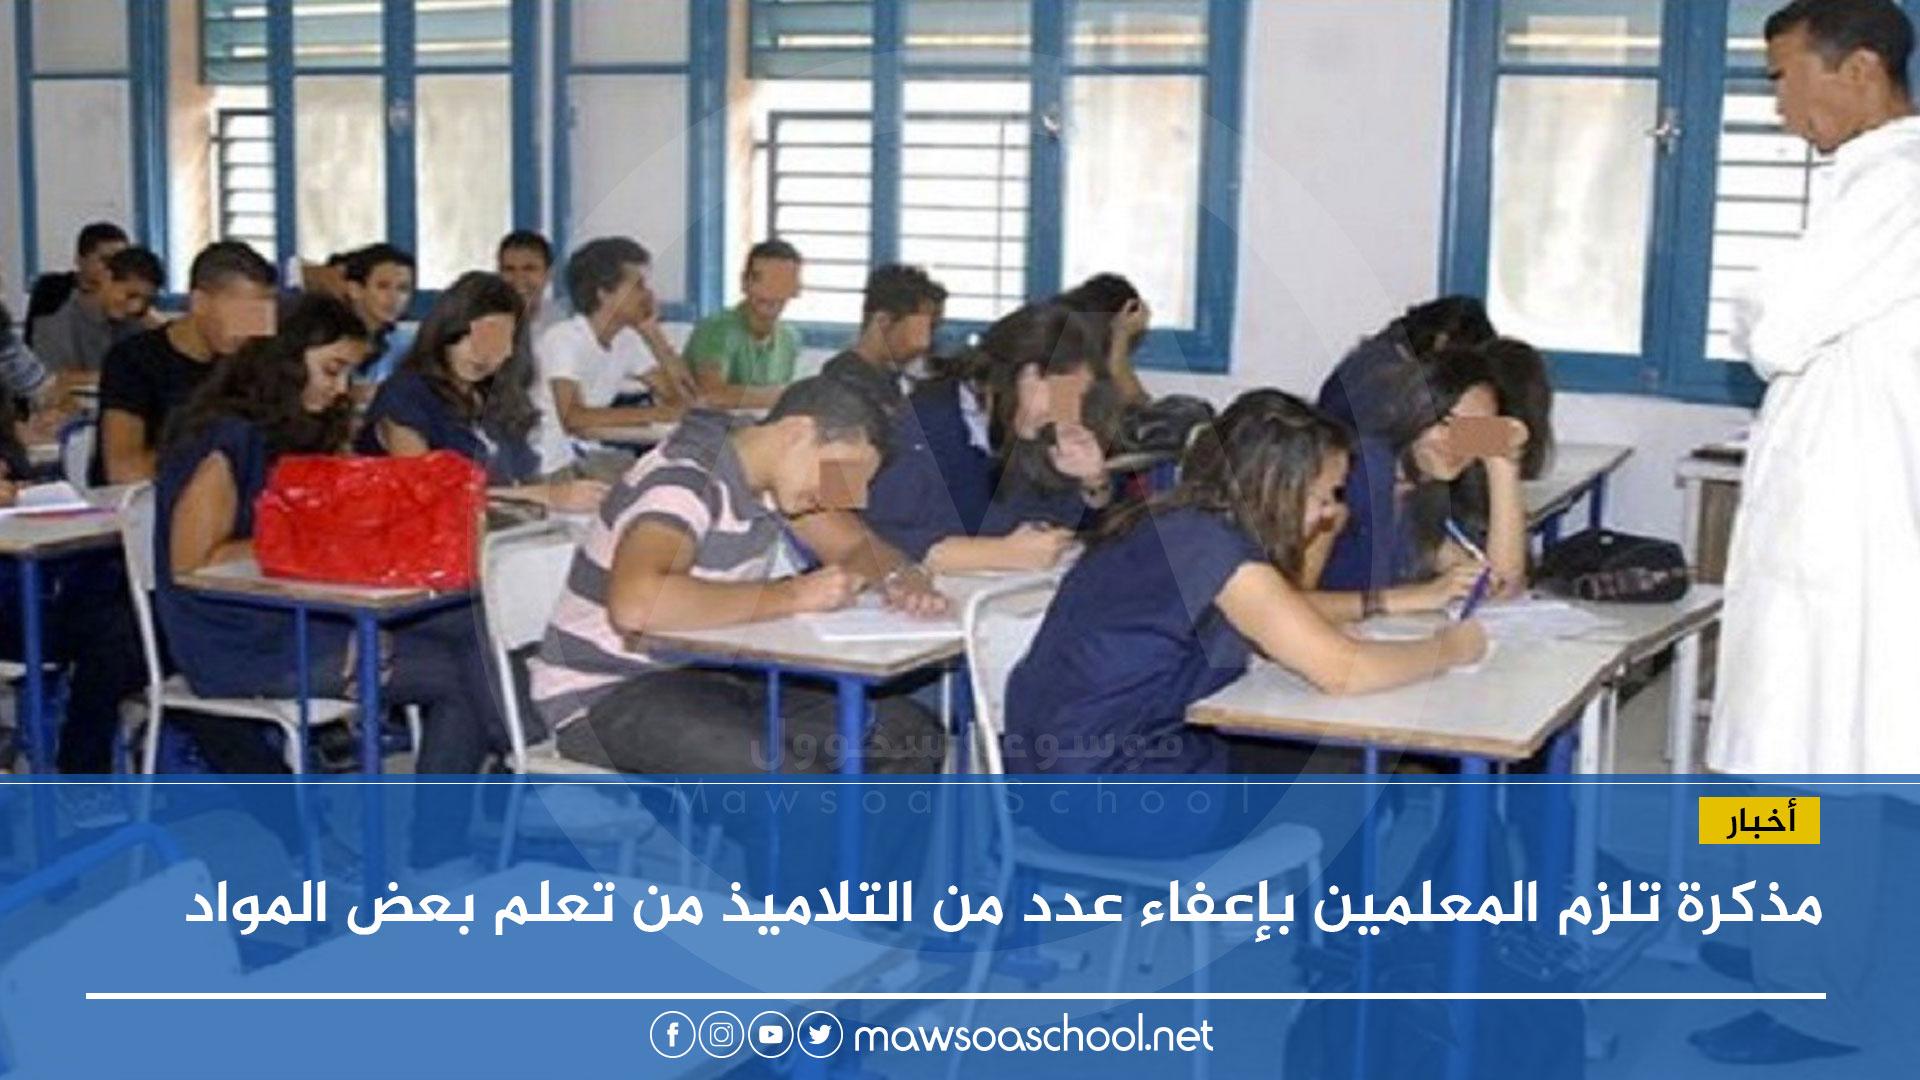 مذكرة تلزم المعلمين بإعفاء عدد من التلاميذ من تعلم بعض المواد